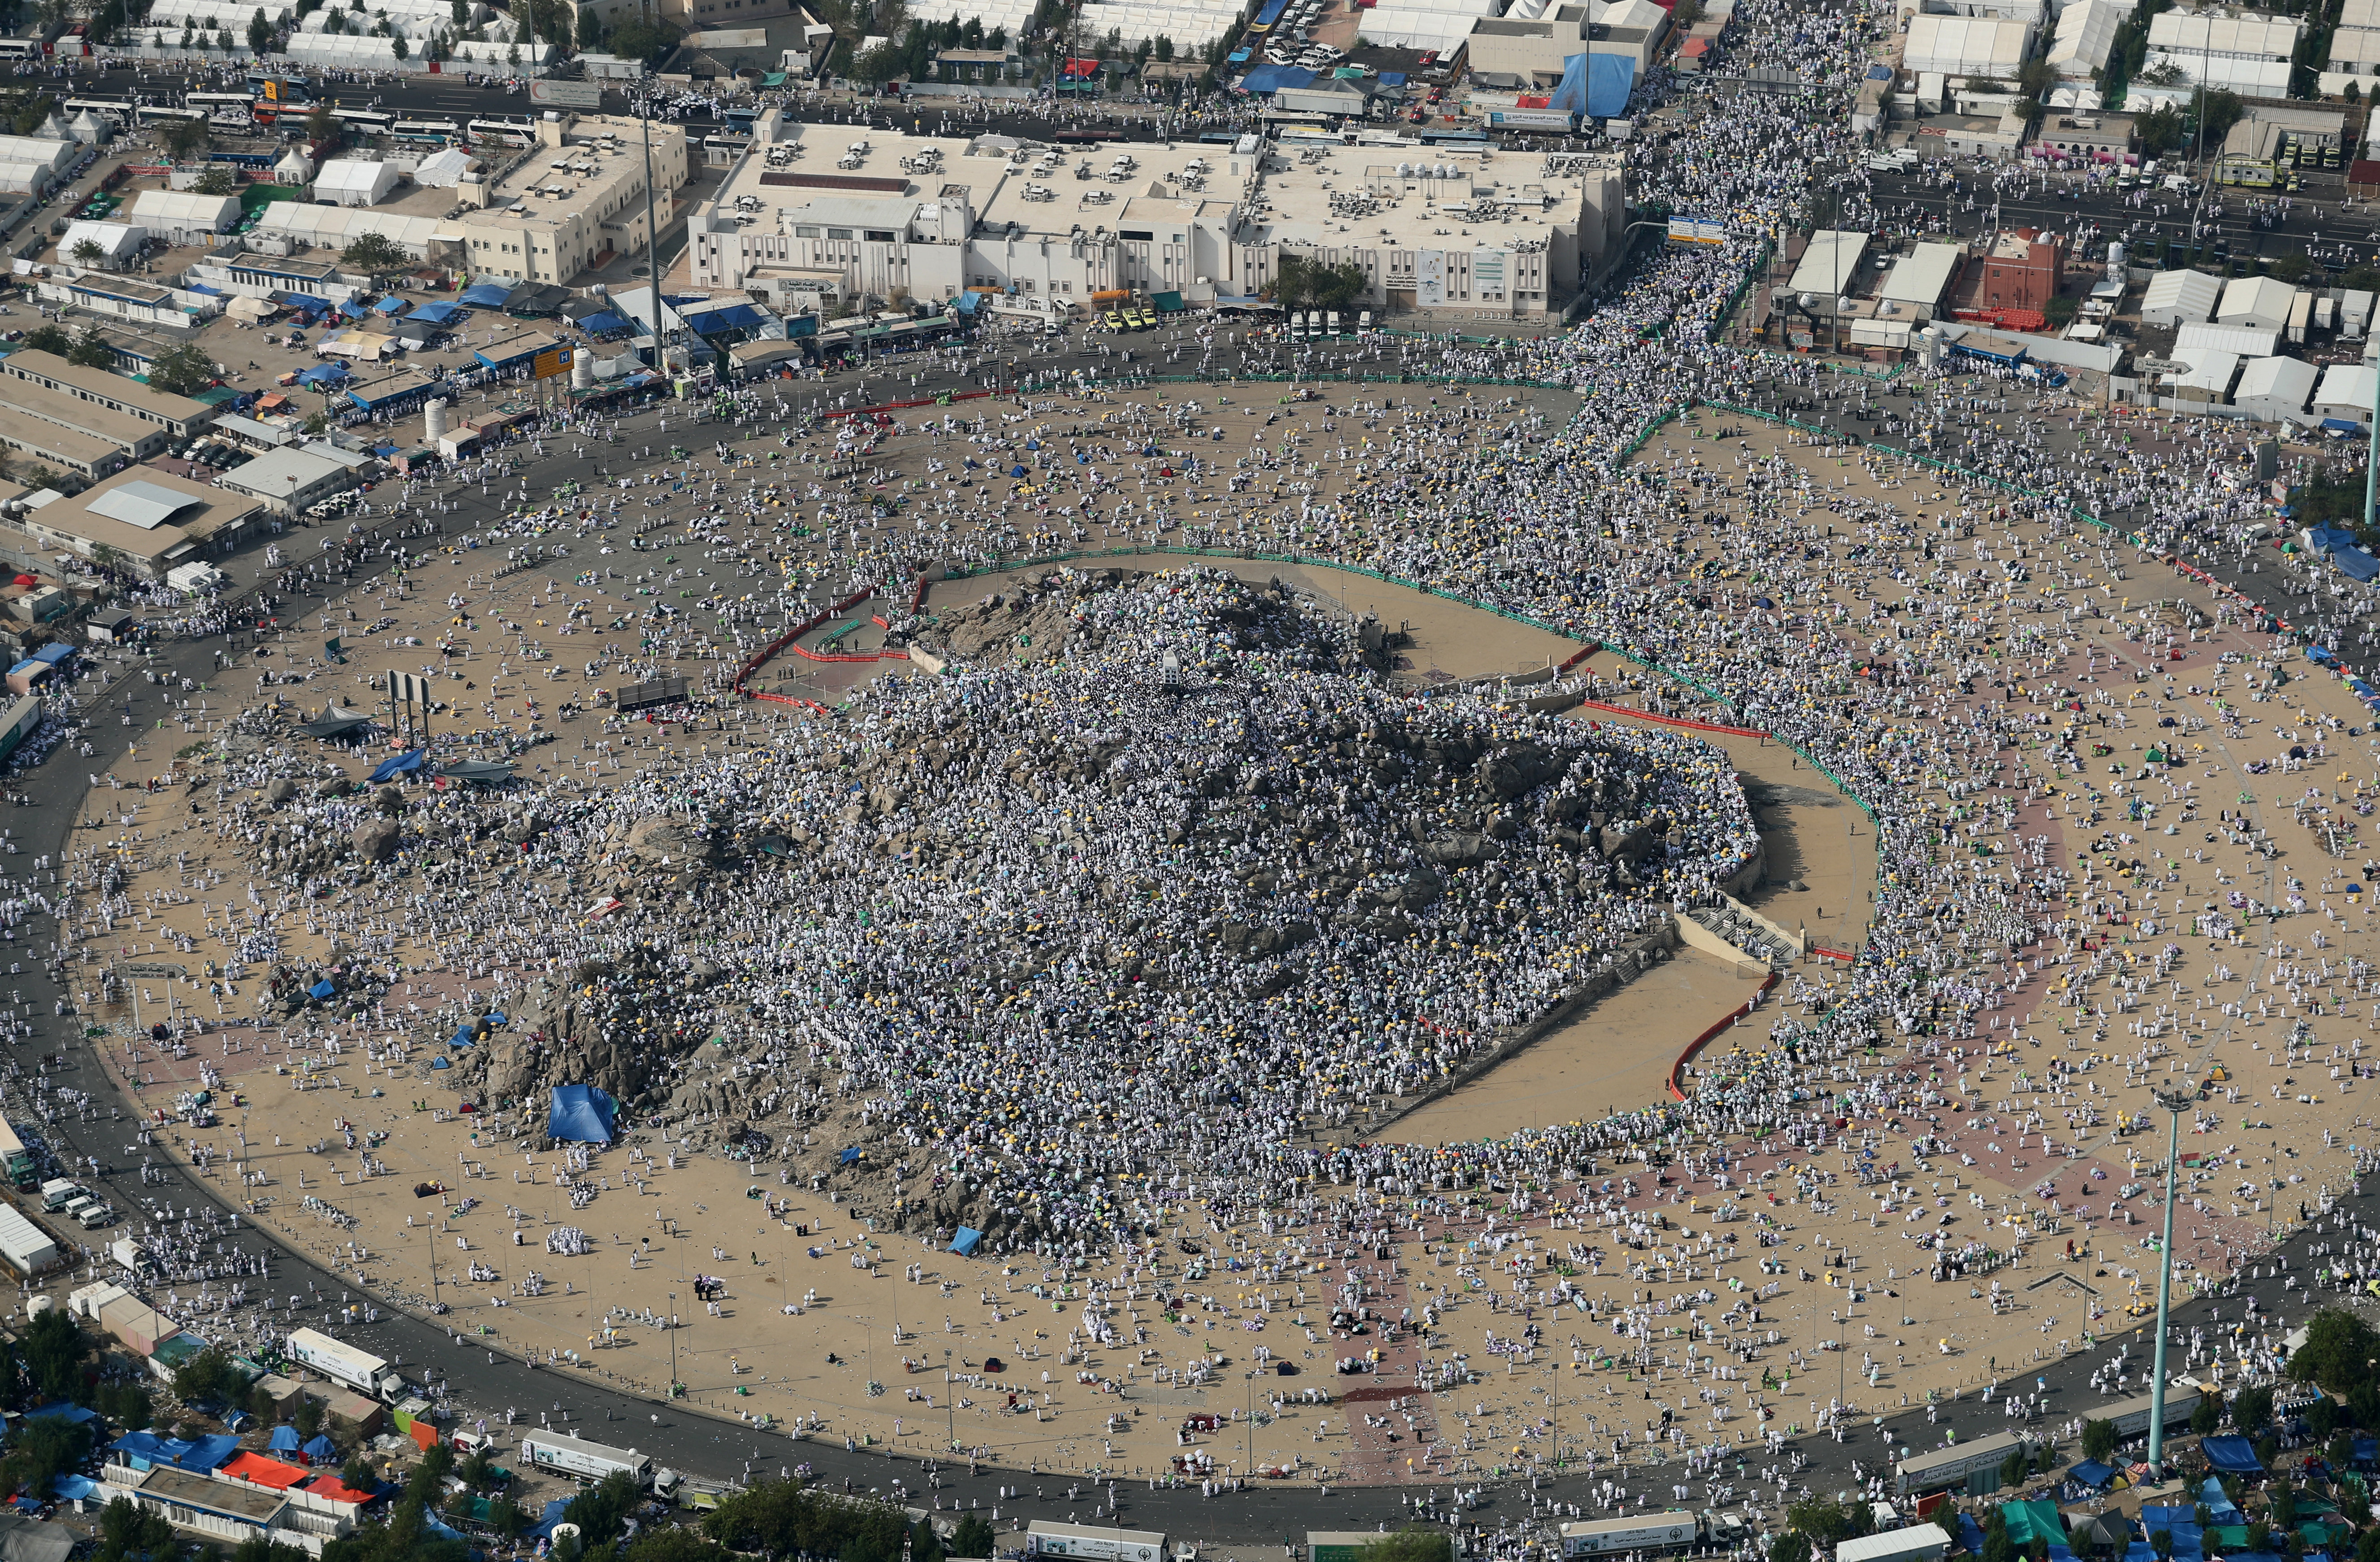 Арафат күнінде қажылар Алладан дұға тілеу үшін Арафат тауына жиналады